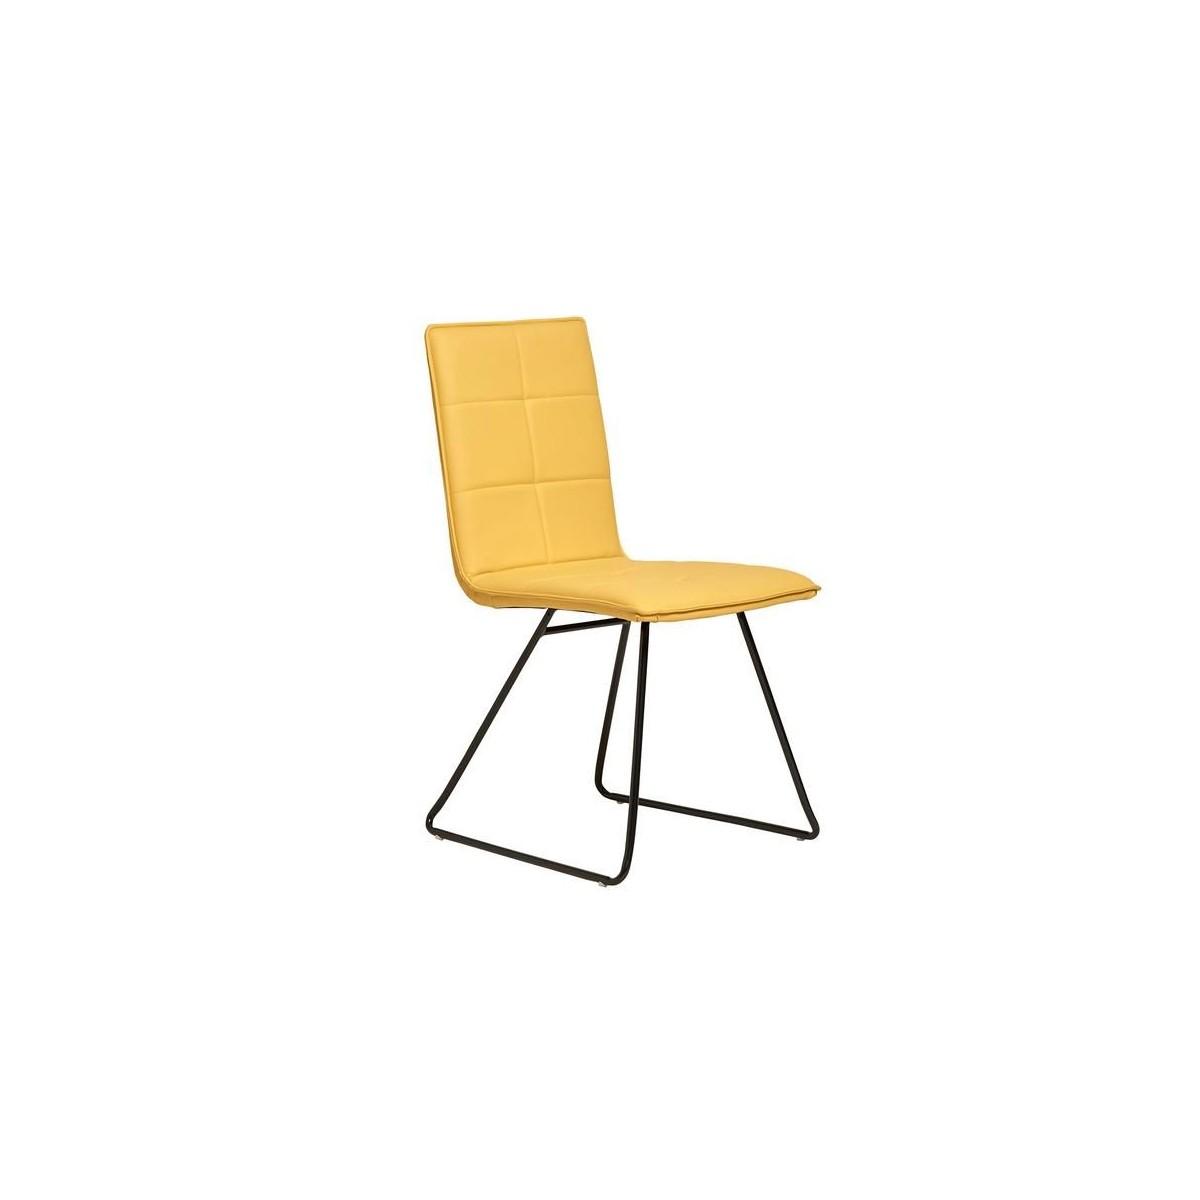 sillas de comedor de polipiel amarillas